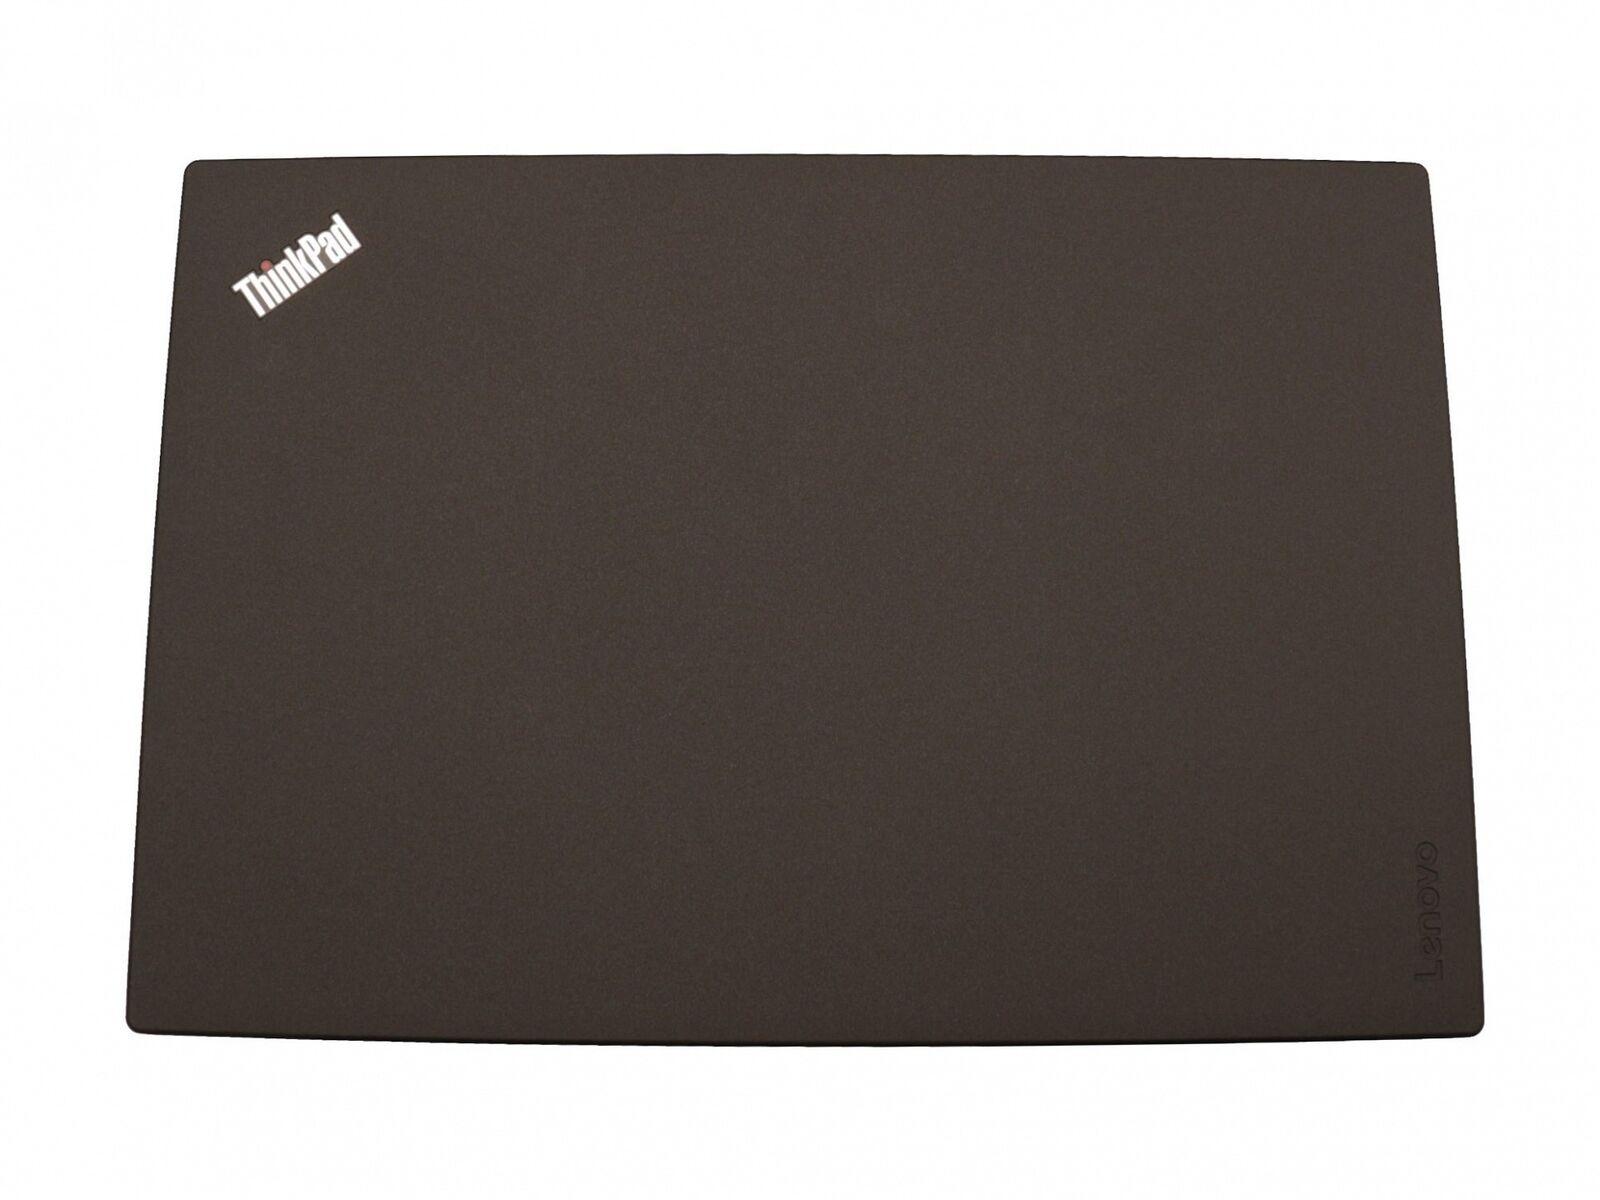 Displaydeckel für Lenovo ThinkPad X260, X270 HD